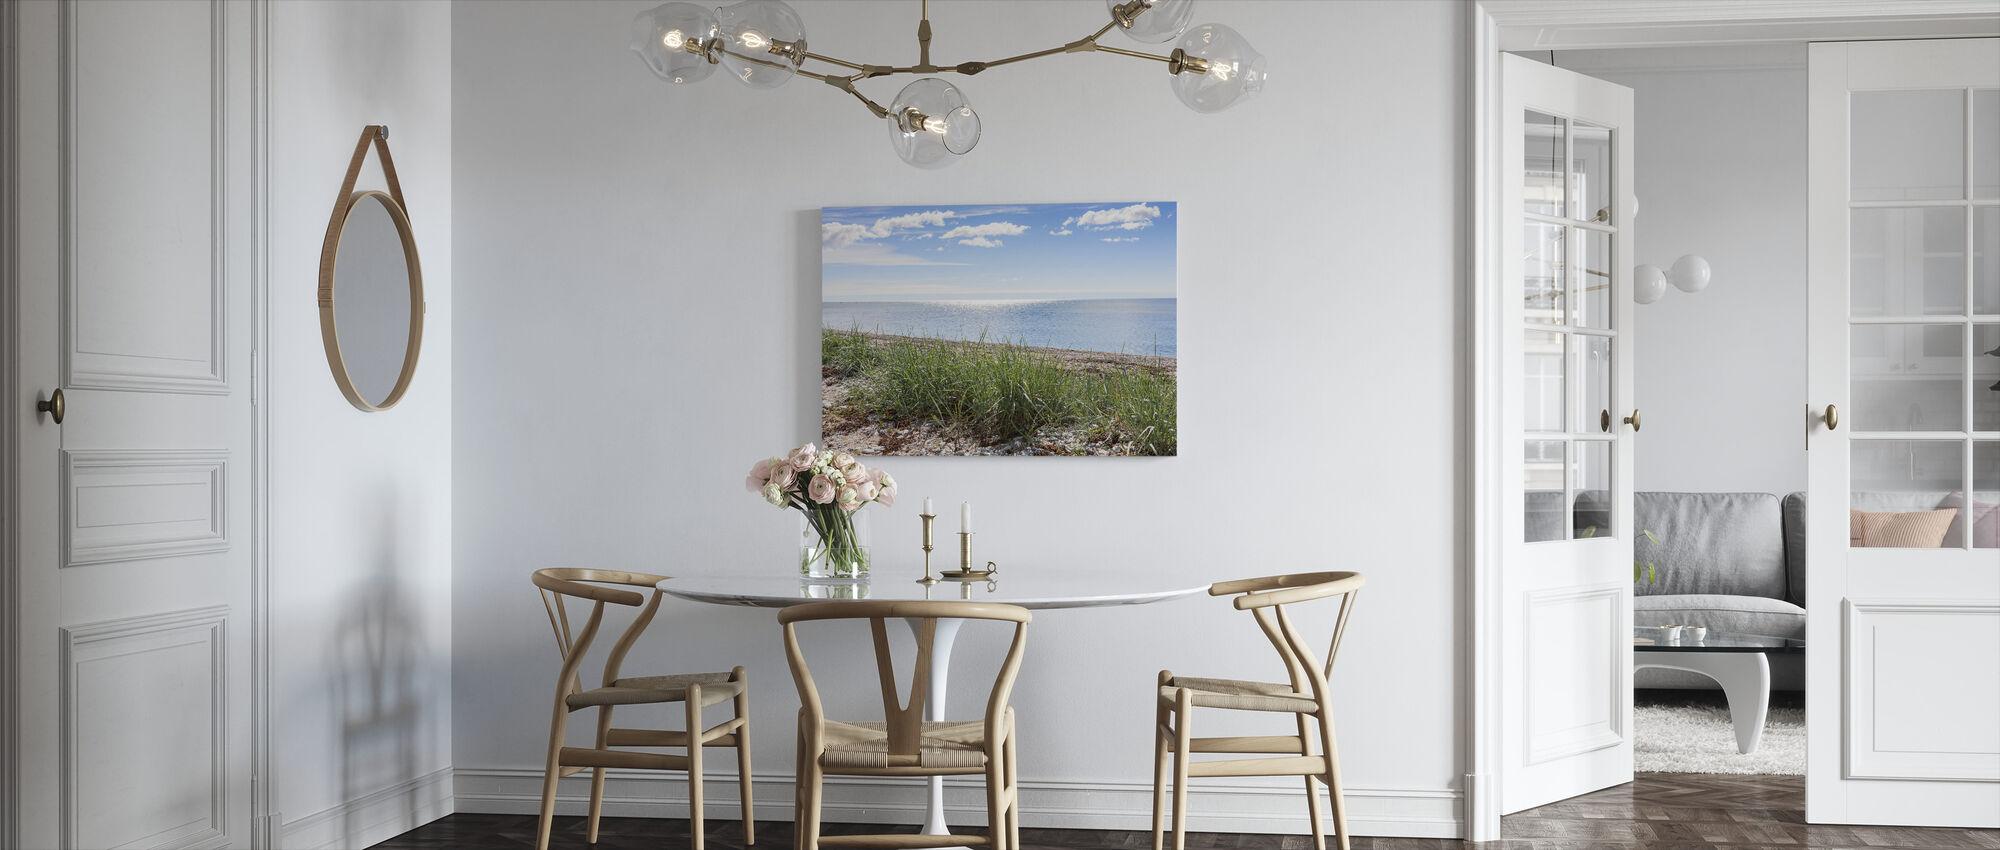 Gotland strand - Lerretsbilde - Kjøkken